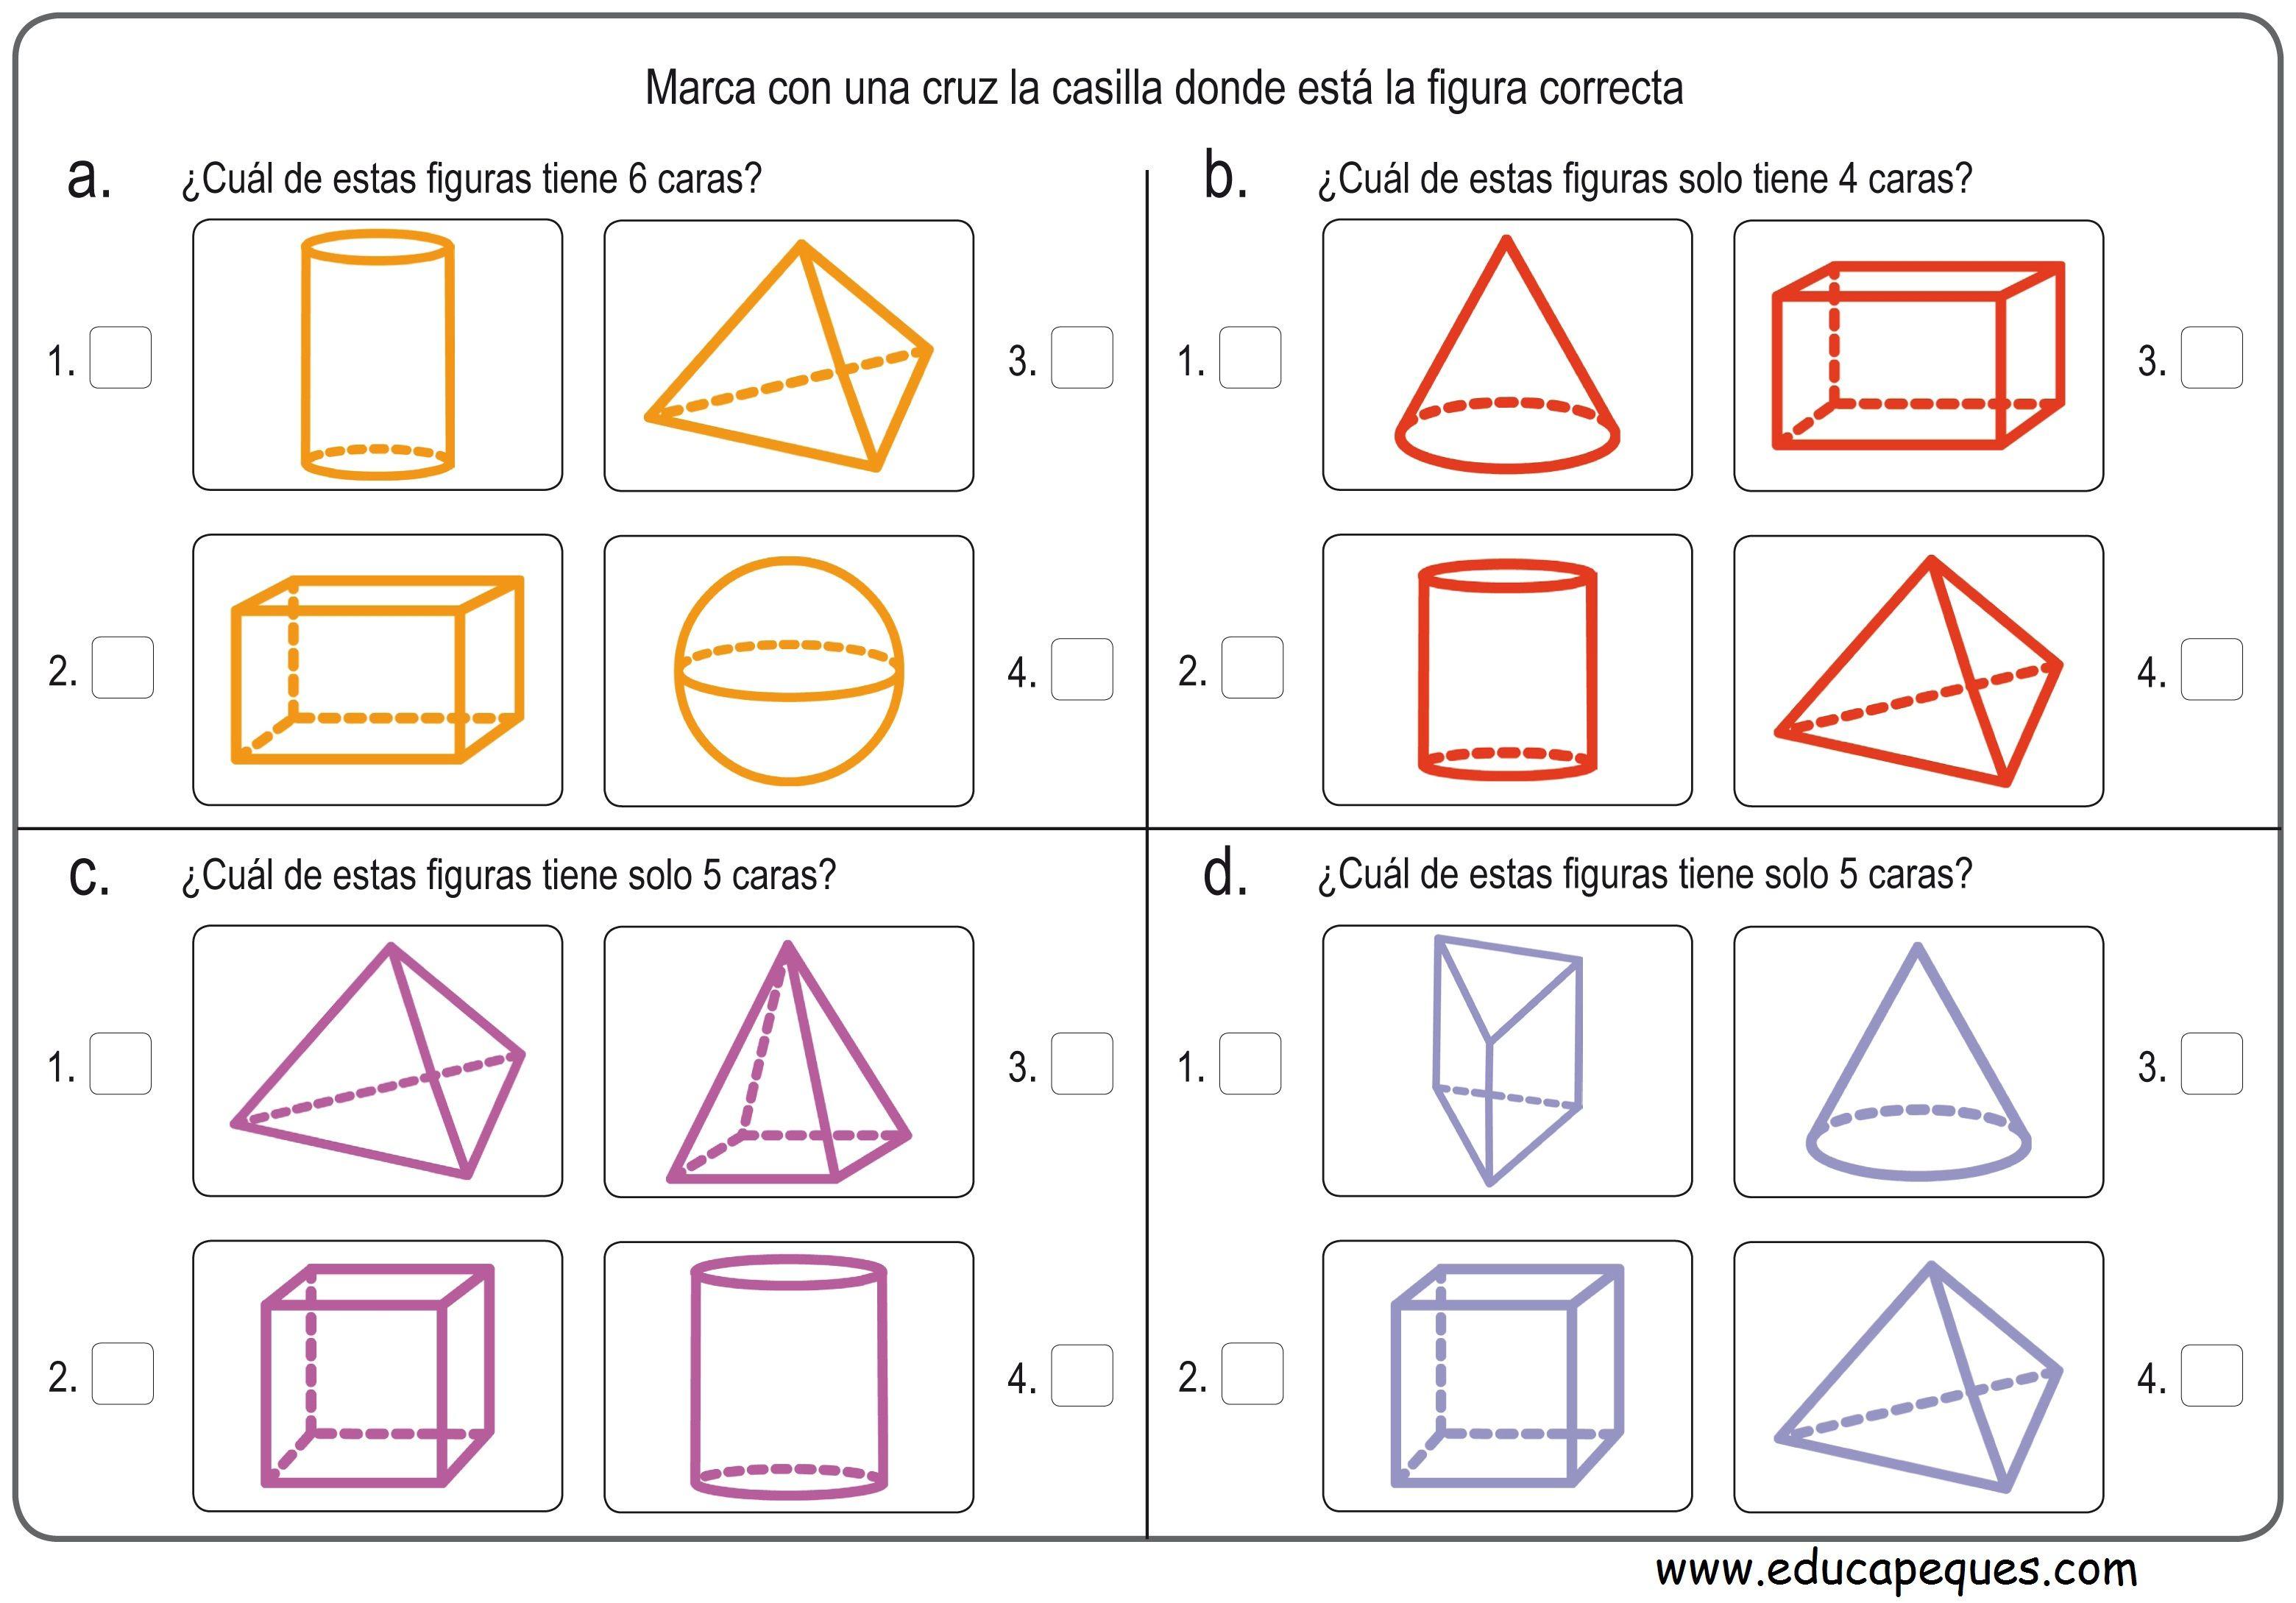 Ejercicios de figuras geométricas para primaria | Figuras ...